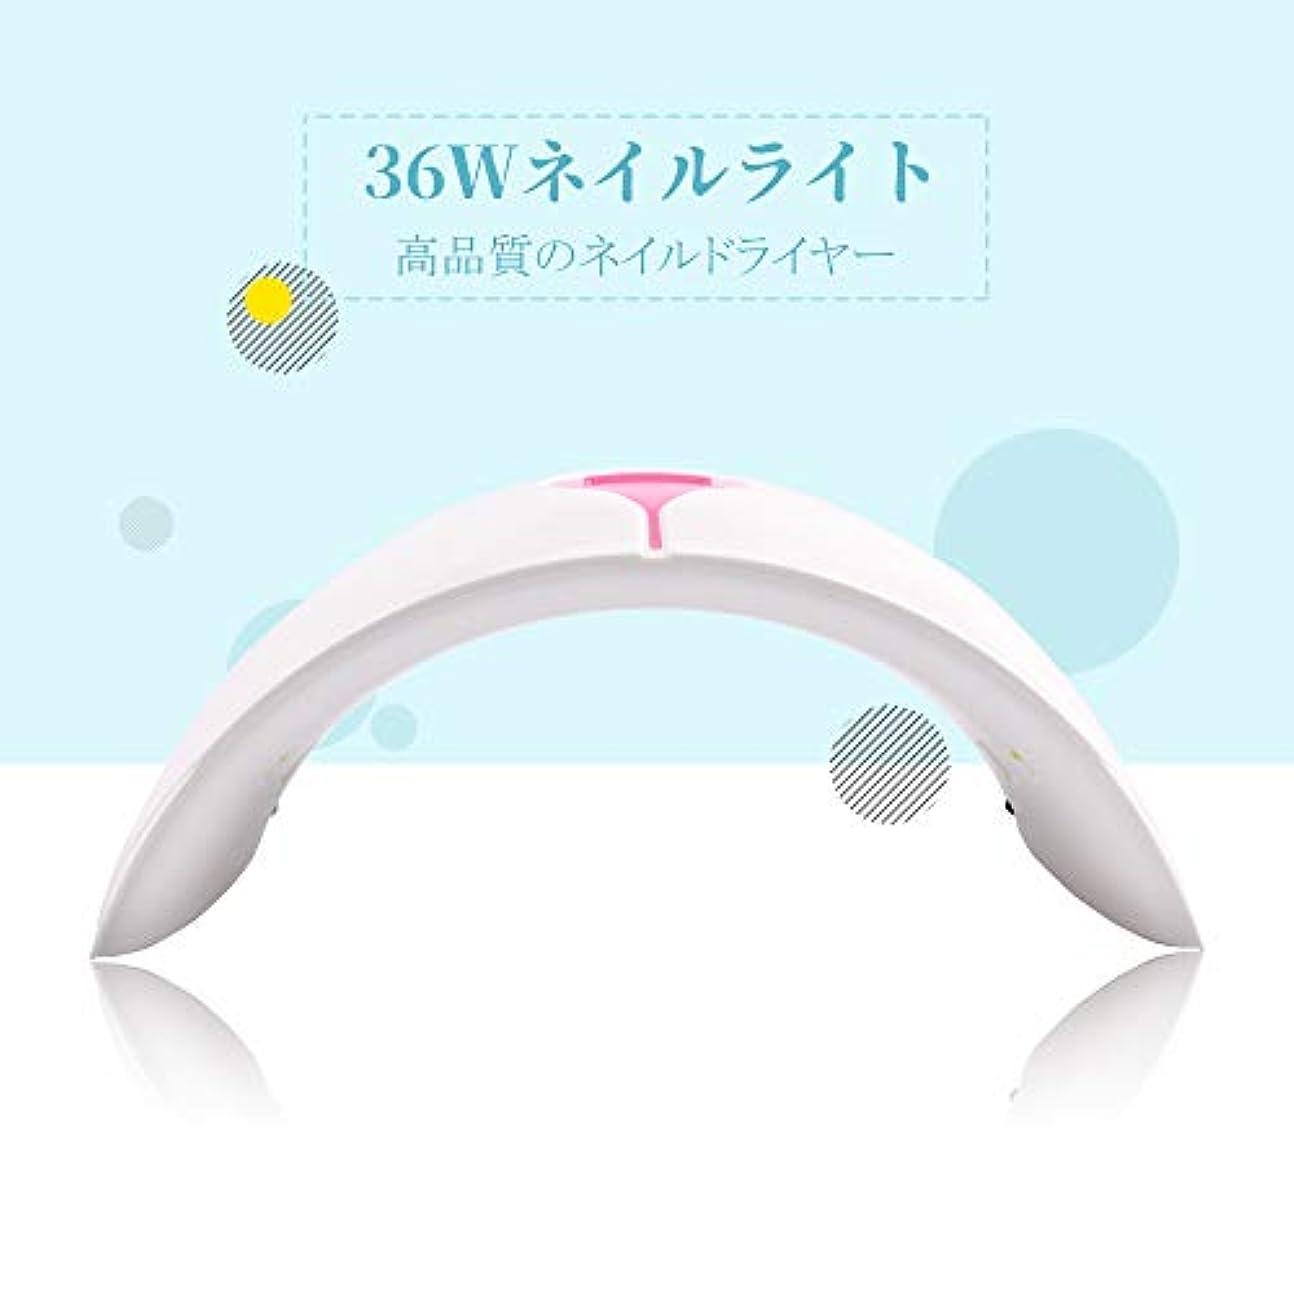 講義特権別れるPHOENIXY 36Wネイルライト 人感センサー LED/UVライト 15pcs UVライト 硬化用ネイルランプ すべてのゲルに対応 プラグ付き ネイルドライヤー ネイルアート用品